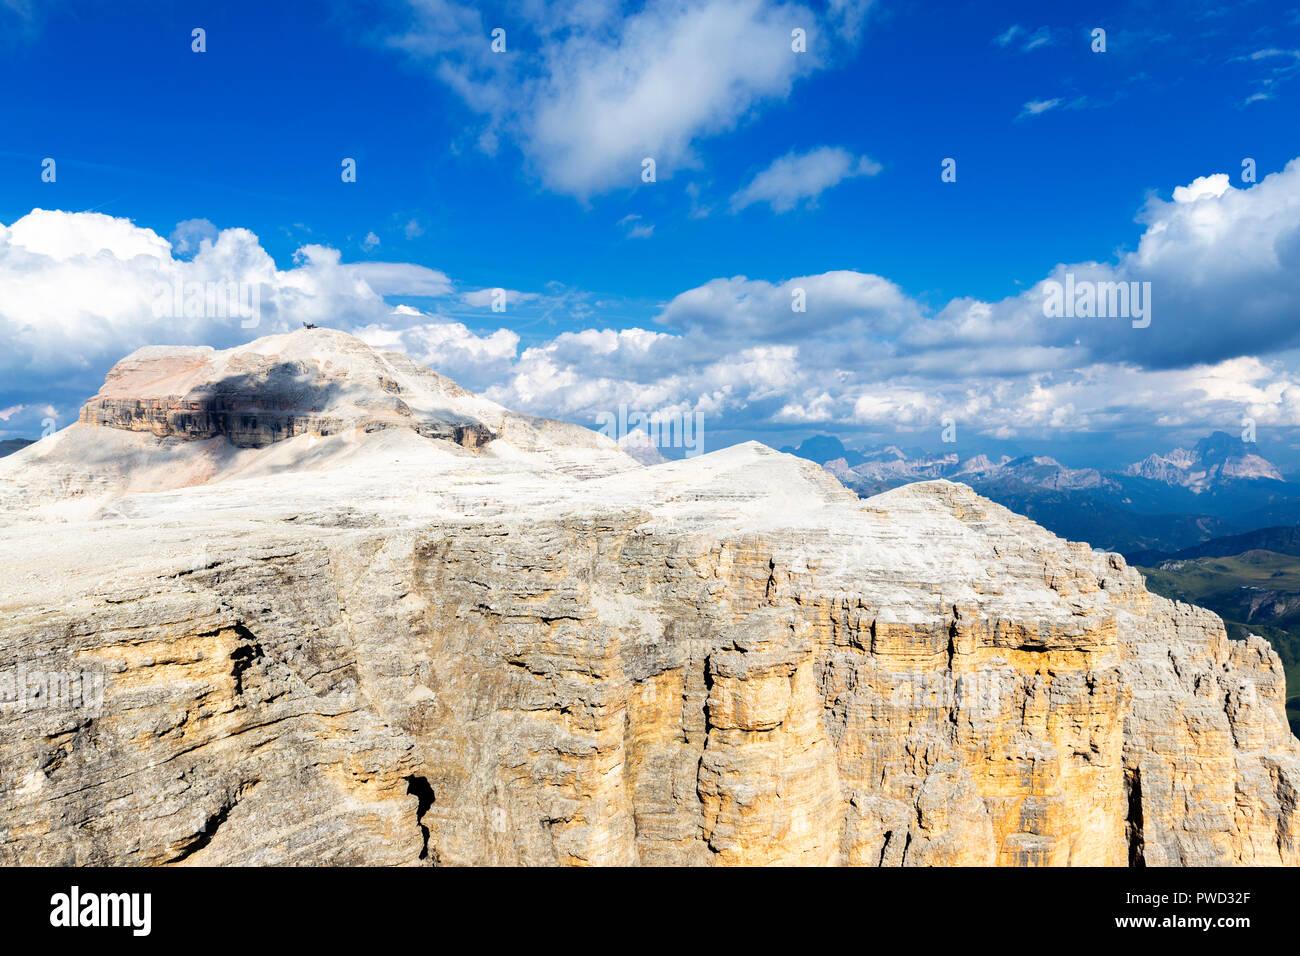 Piz Boè from Piz Pordoi, Pordoi Pass, Fassa Valley, Trentino, Dolomites, Italy, Europe. - Stock Image